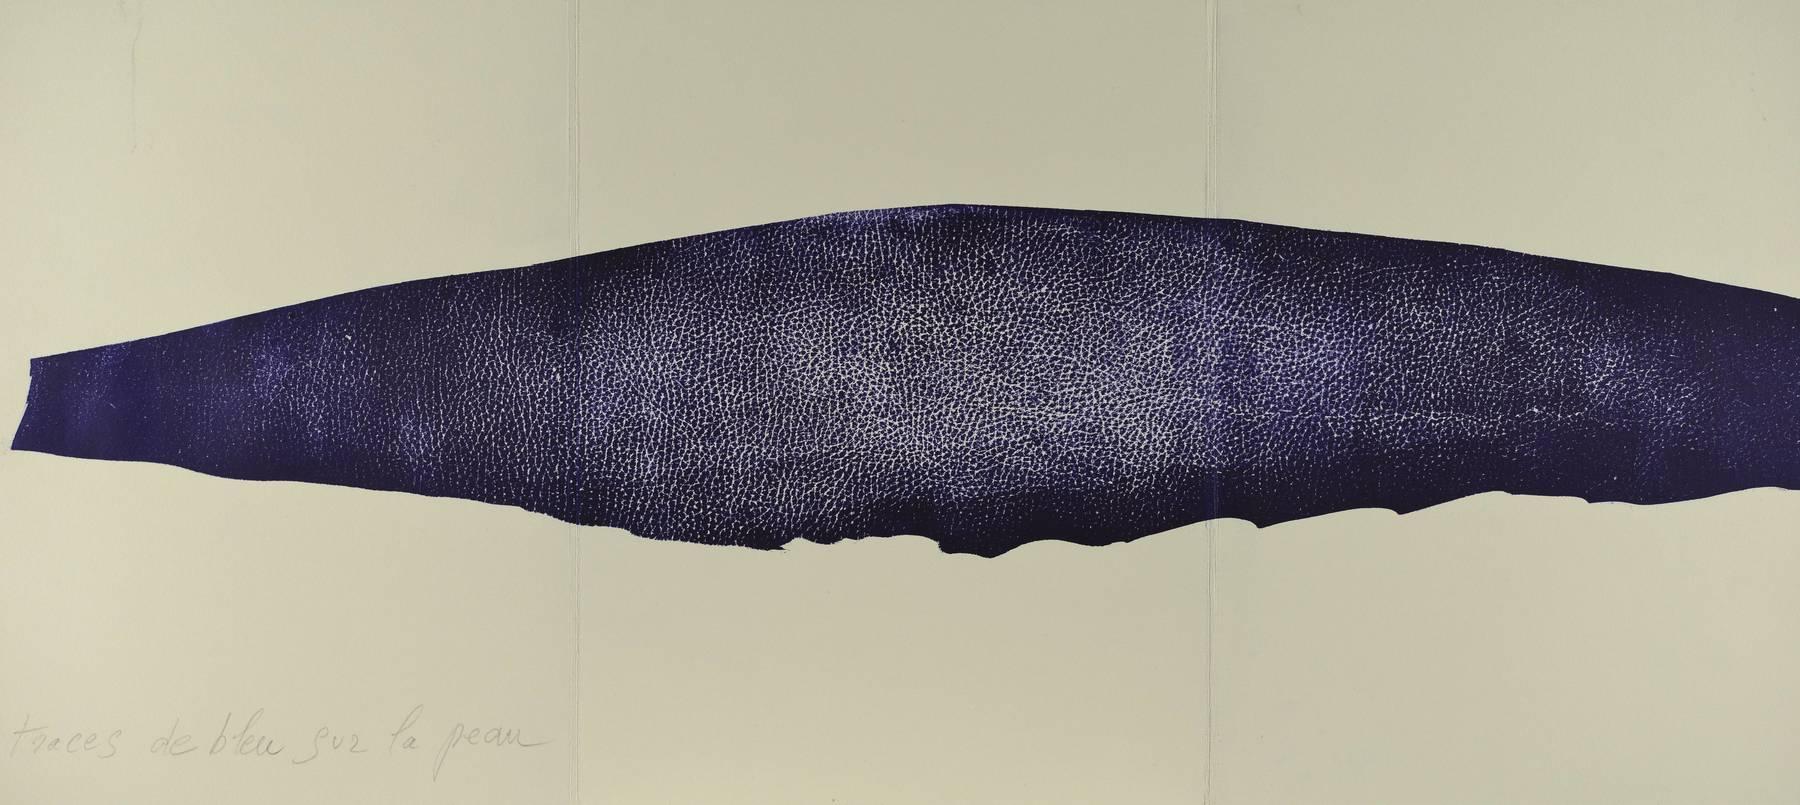 Contenu du Traces de bleu sur la peau, Jean-François sur la peau